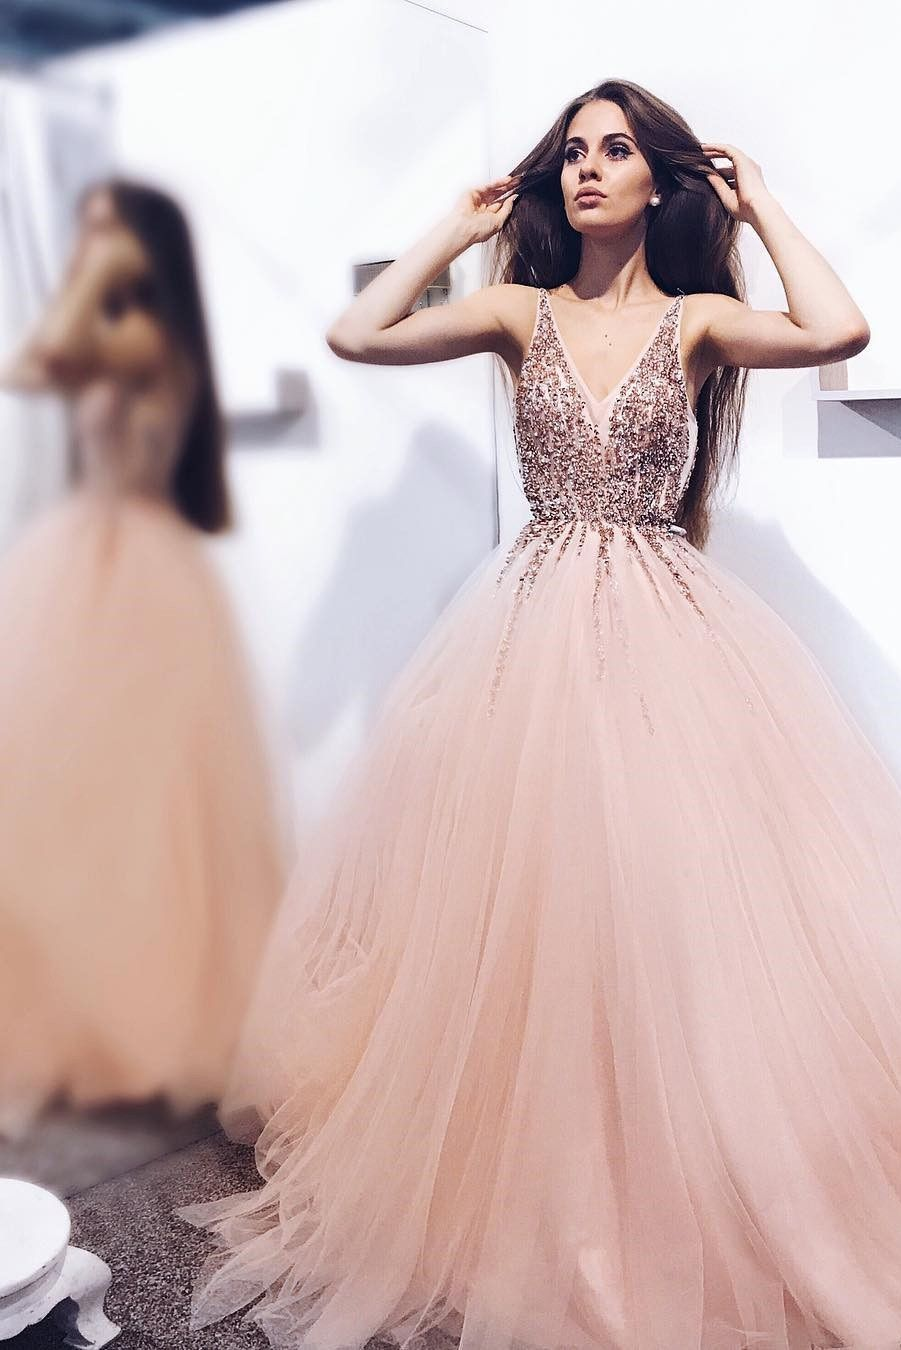 V Neck Sequin Sparkly Beads Evening Dresses 513720f439ba